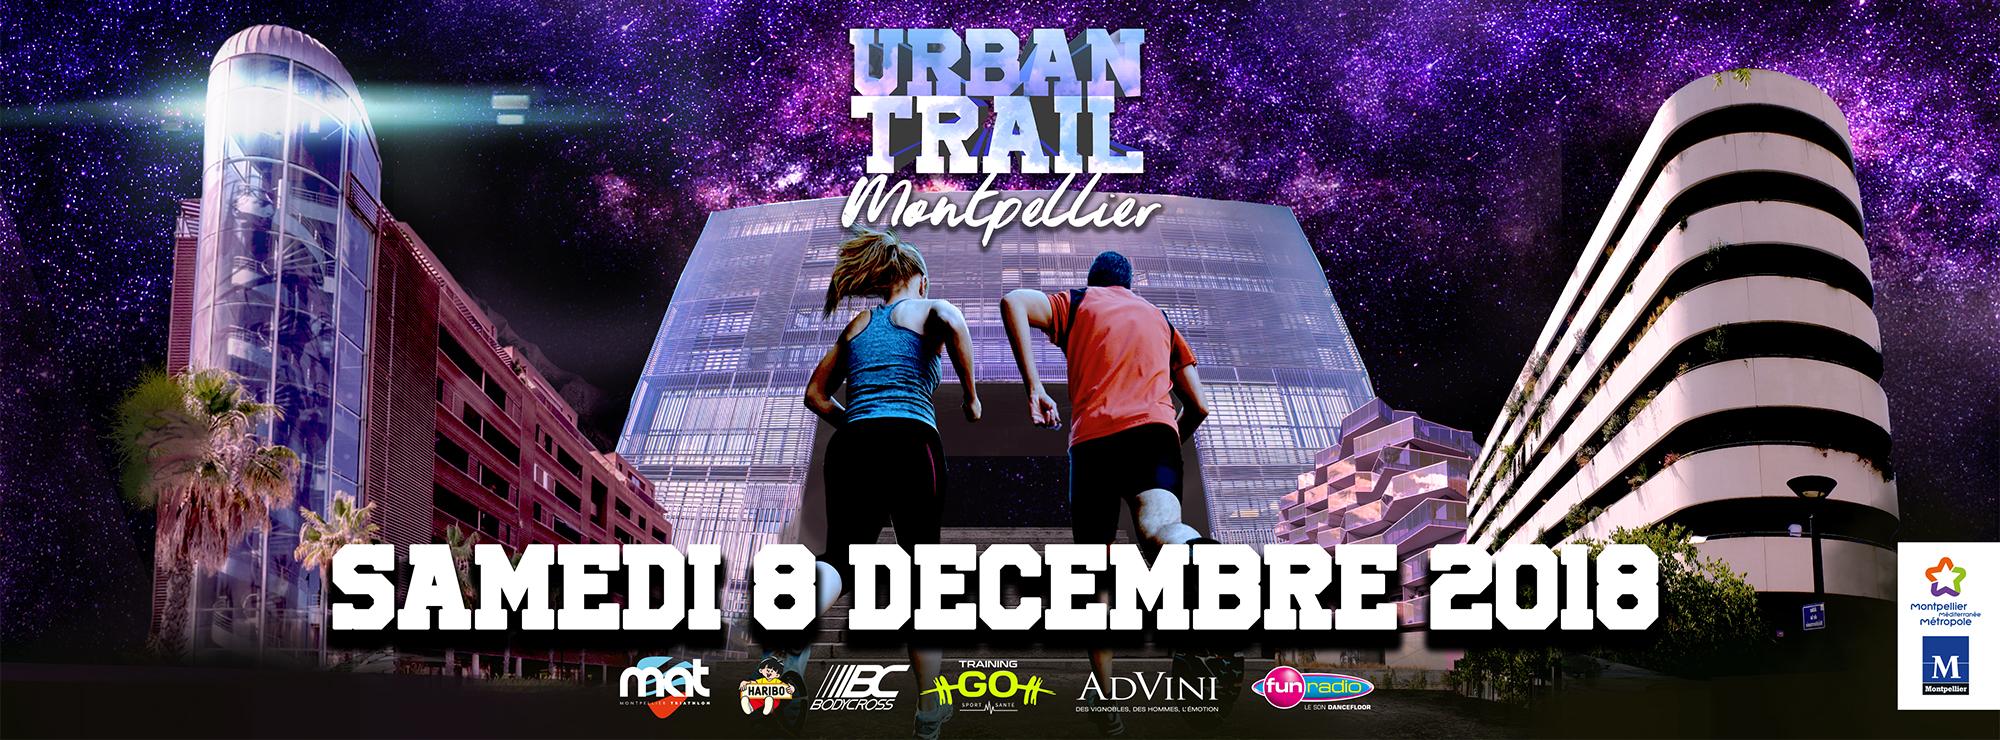 Urban trail nocturne de Montpellier